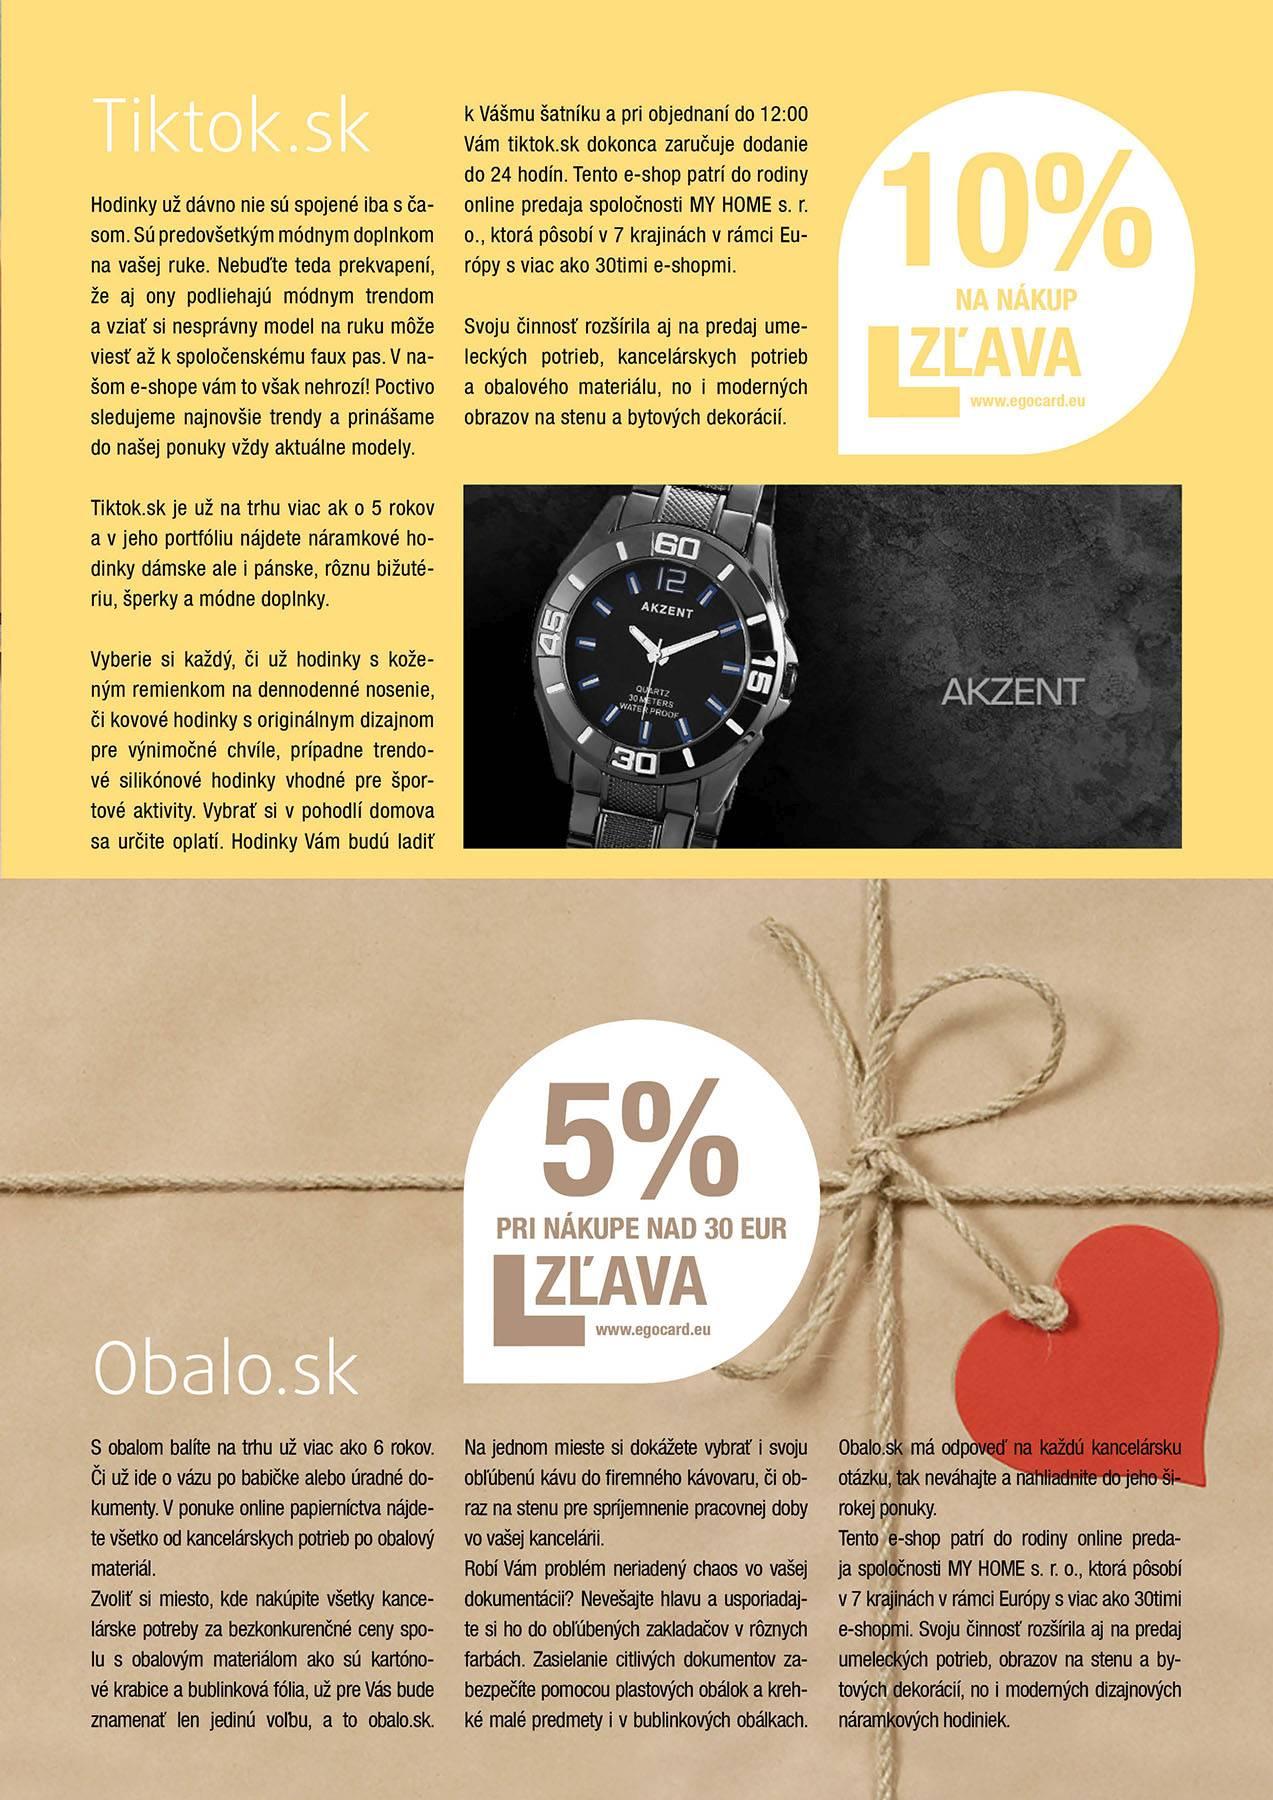 datovania hodiny ruky